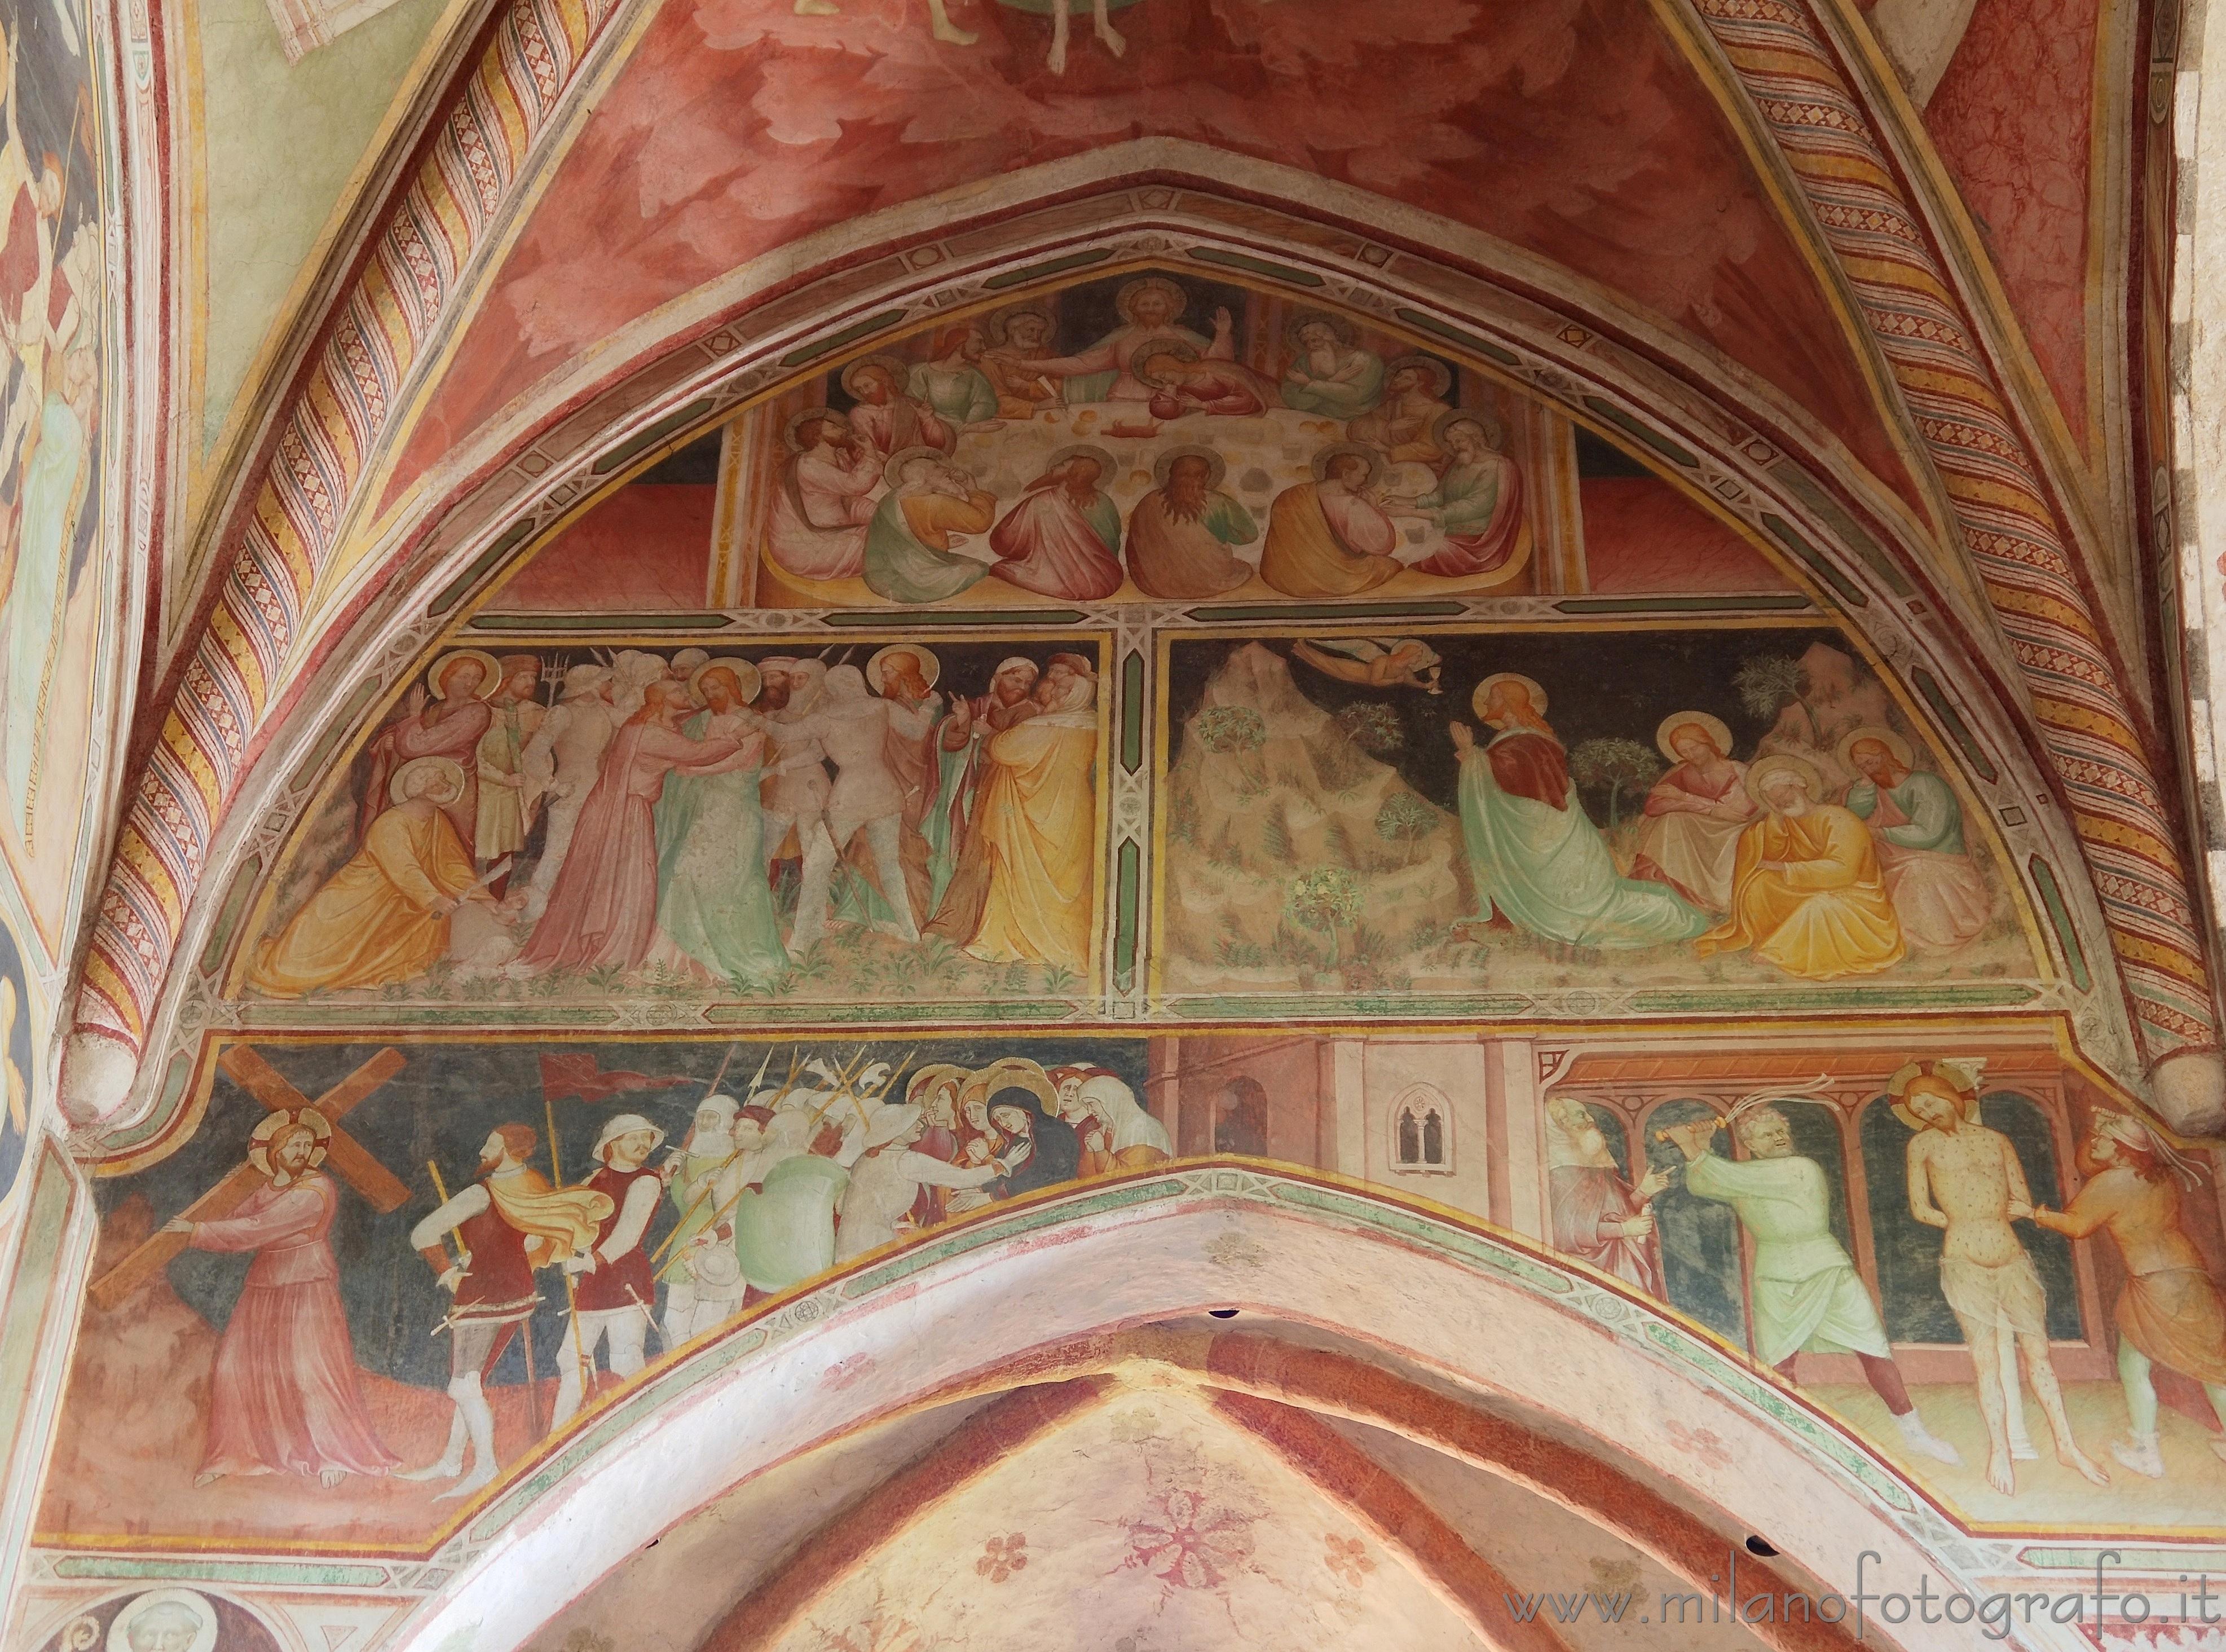 San giuliano milanese milano affreschi medioevali nell - Piastrelle san giuliano milanese ...